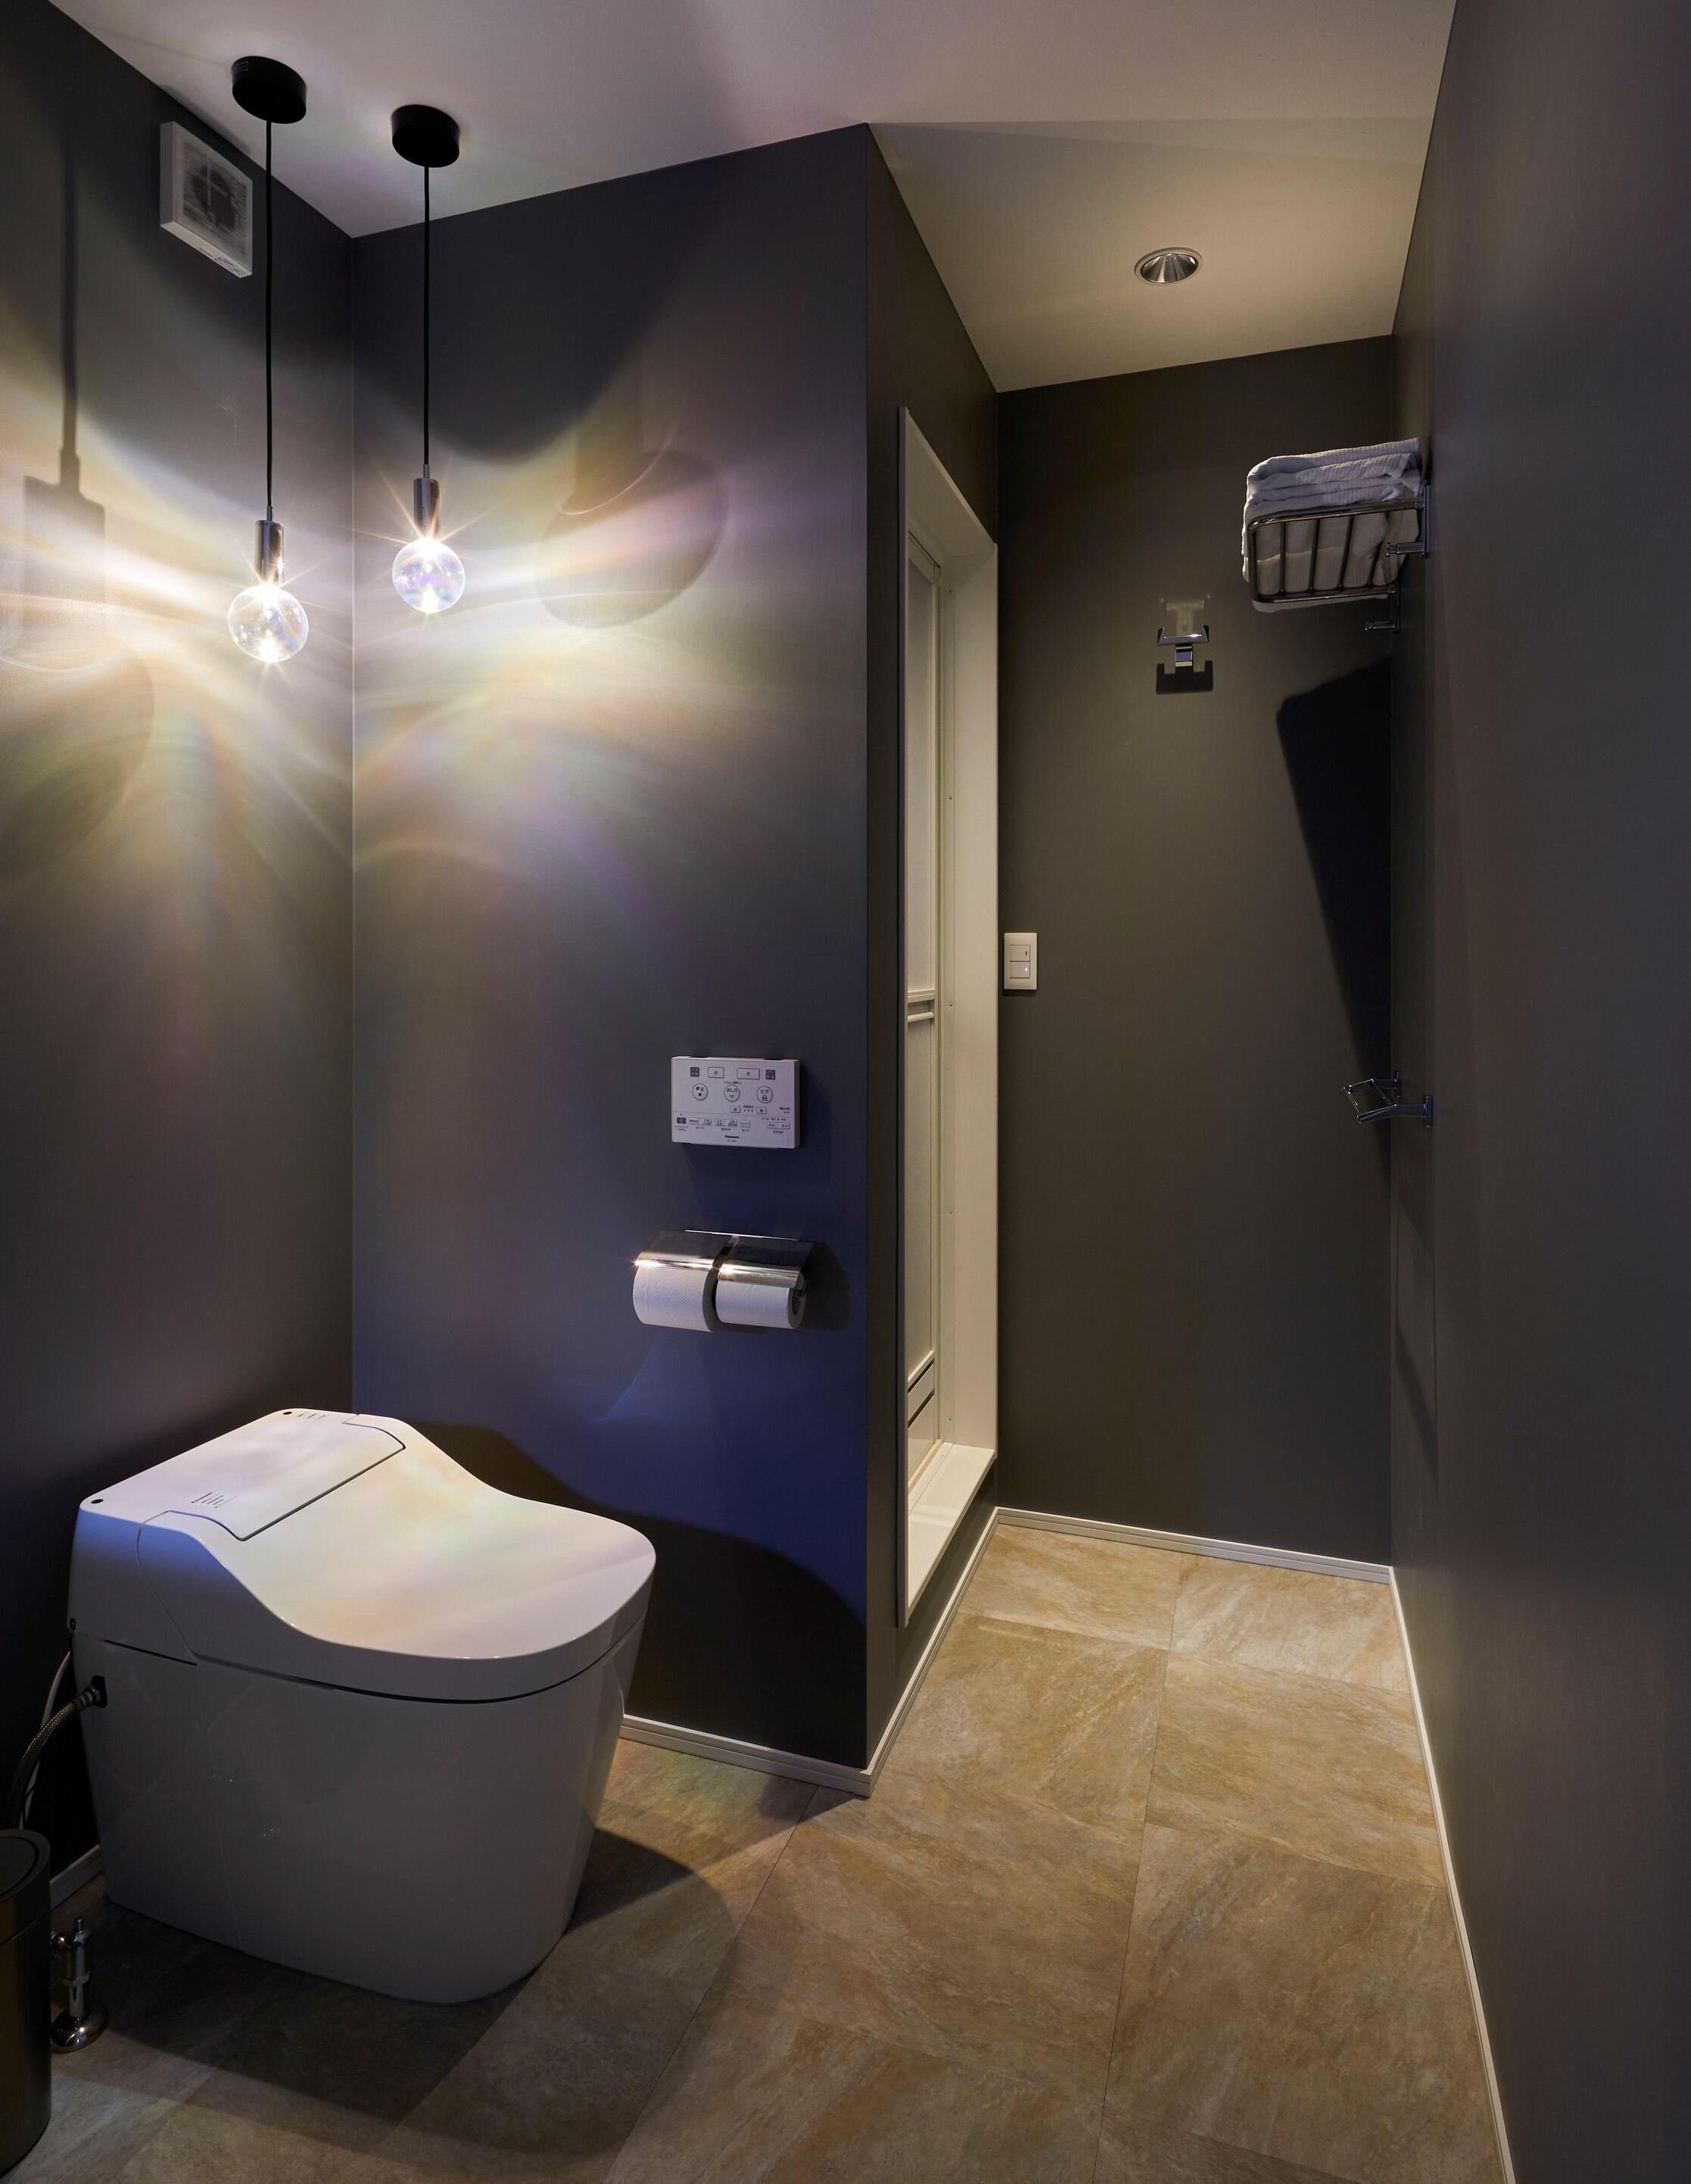 トイレは1Fと2Fにそれぞれあり、1Fのトイレスペースにはシャワールームも完備している